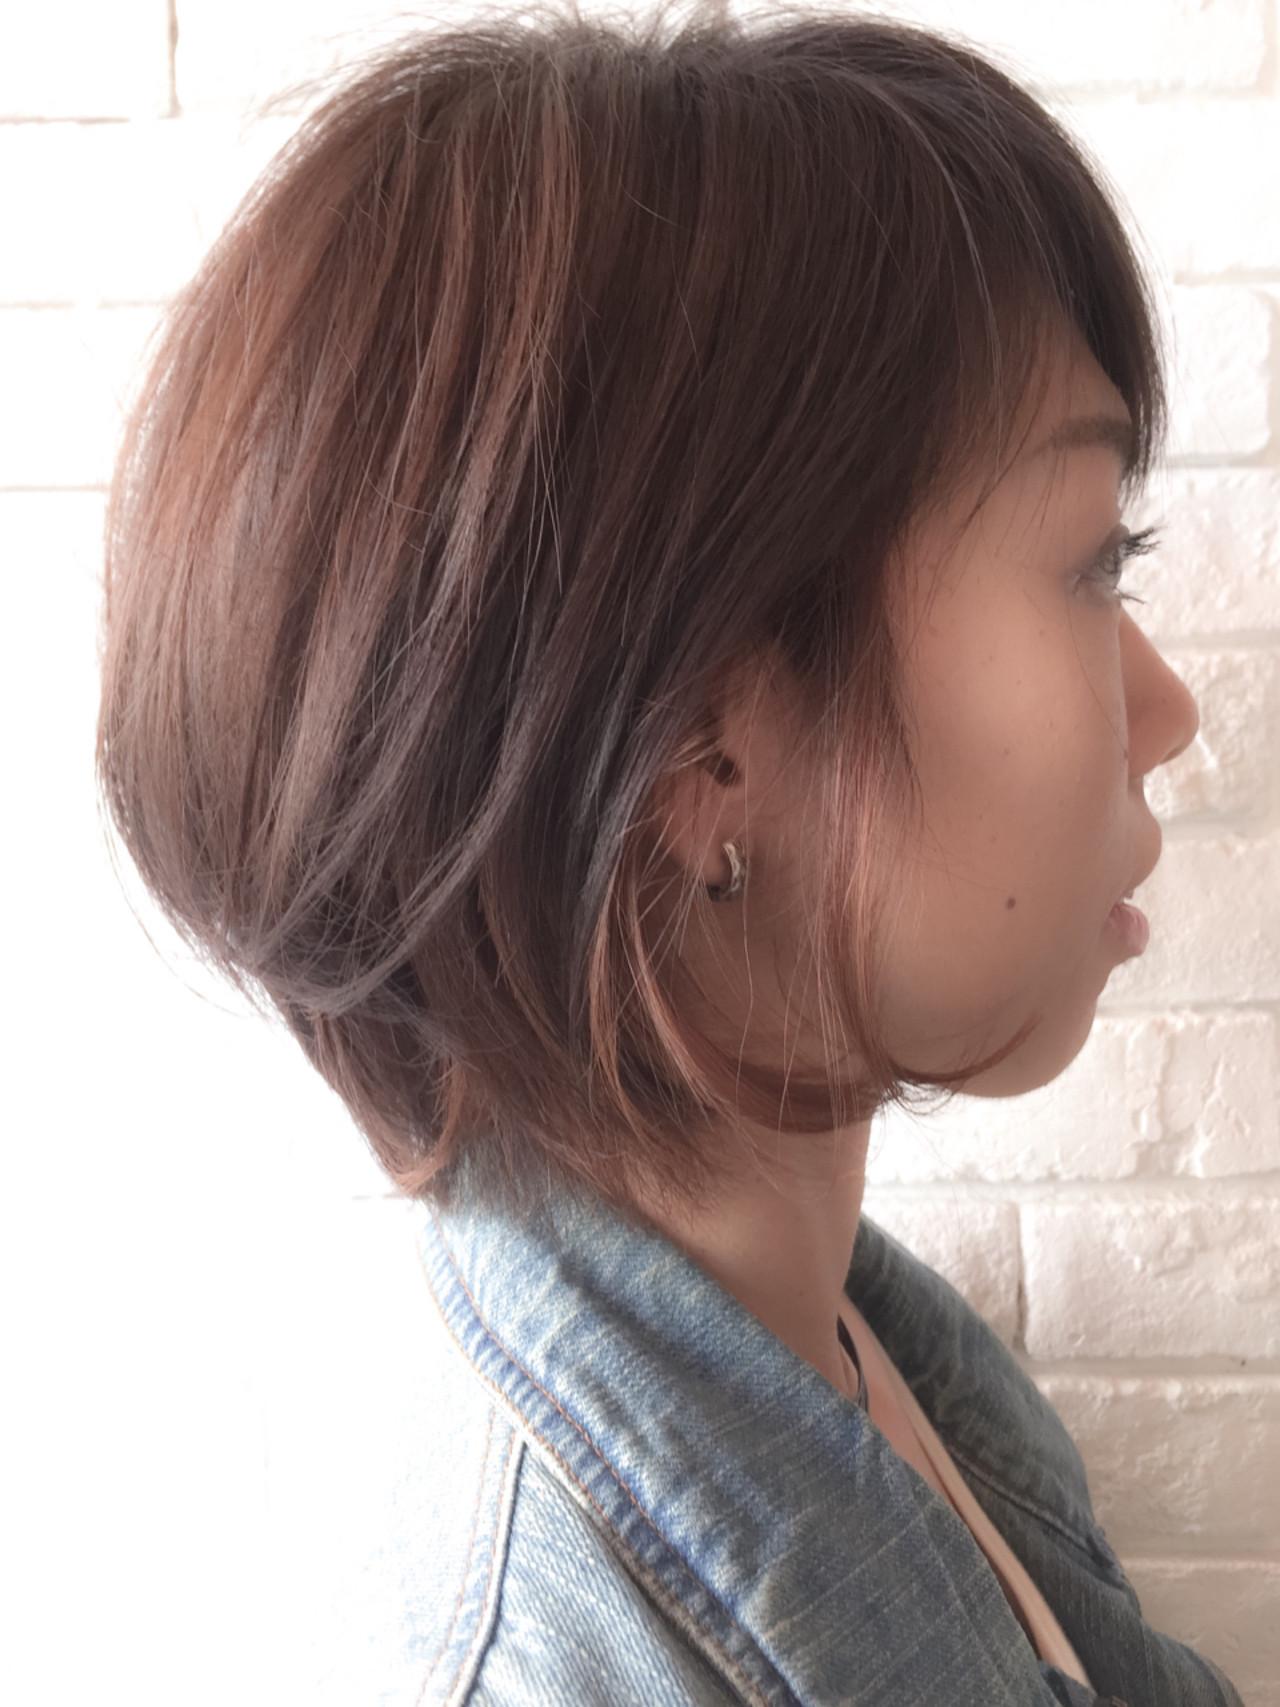 ボブ 色気 冬 インナーカラー ヘアスタイルや髪型の写真・画像